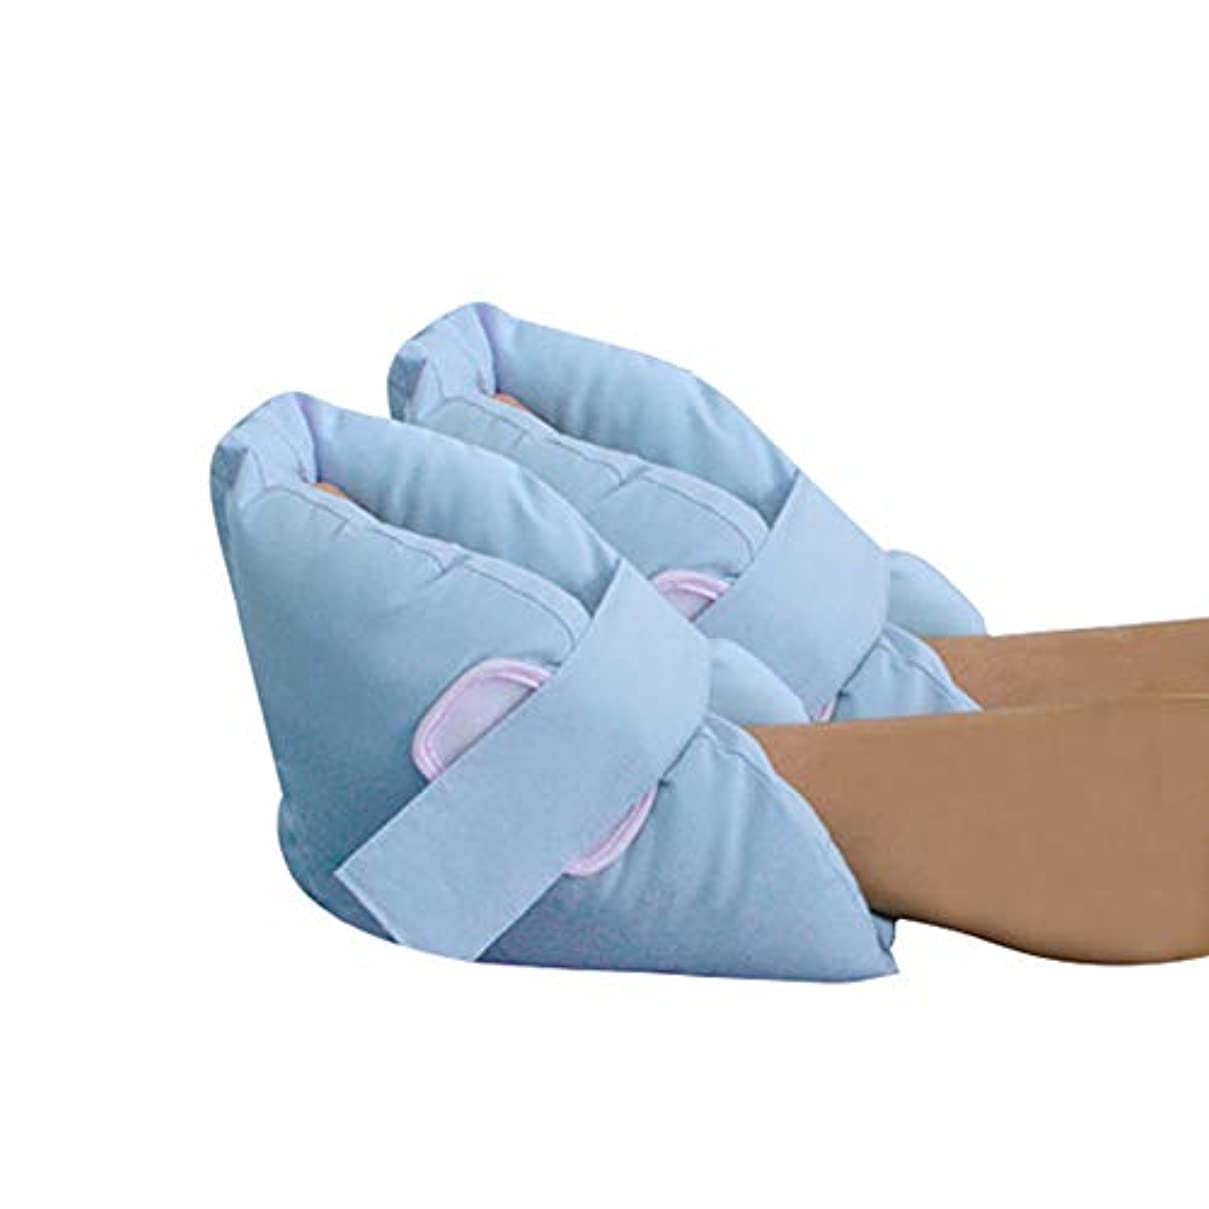 時折ホイットニーまぶしさソフト慰めヒールプロテクター枕、足首サポート枕フットプロテクション、1ペア、ライトブルー